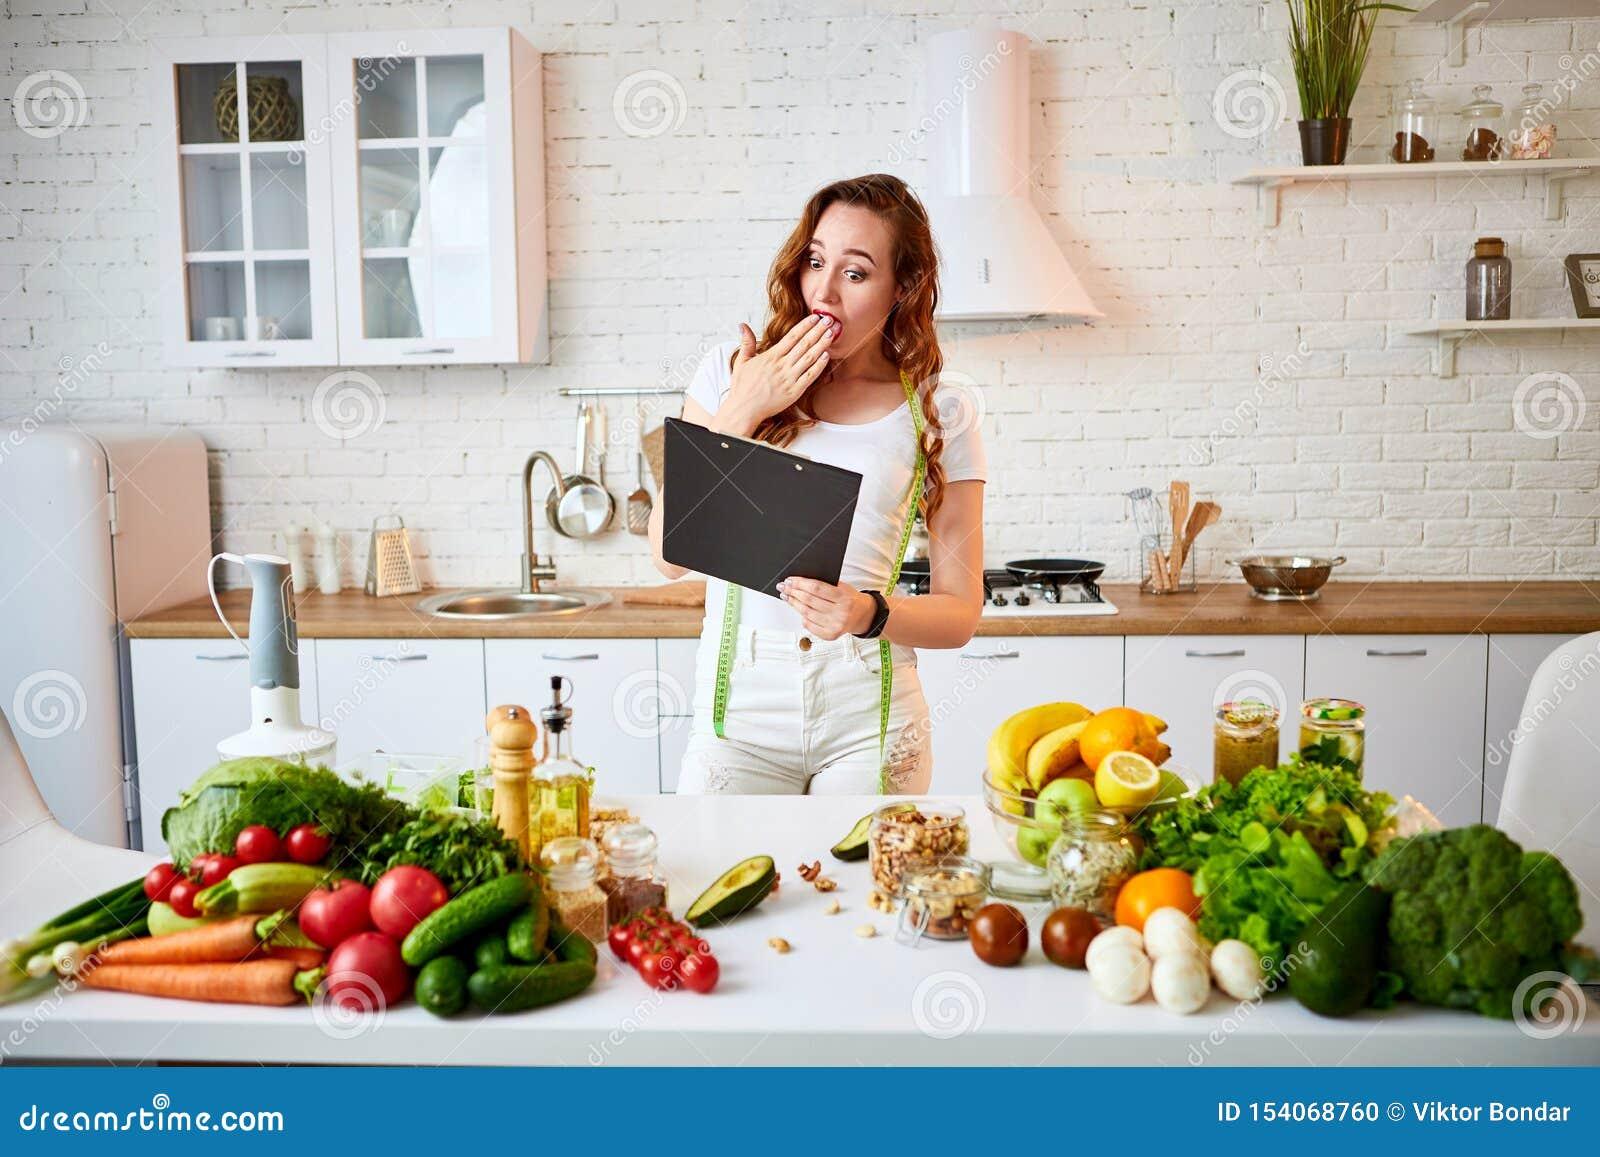 Giovane bella donna che utilizza compressa mentre cucinando nella cucina moderna Cibo sano, vitamine, essere a dieta, tecnologia